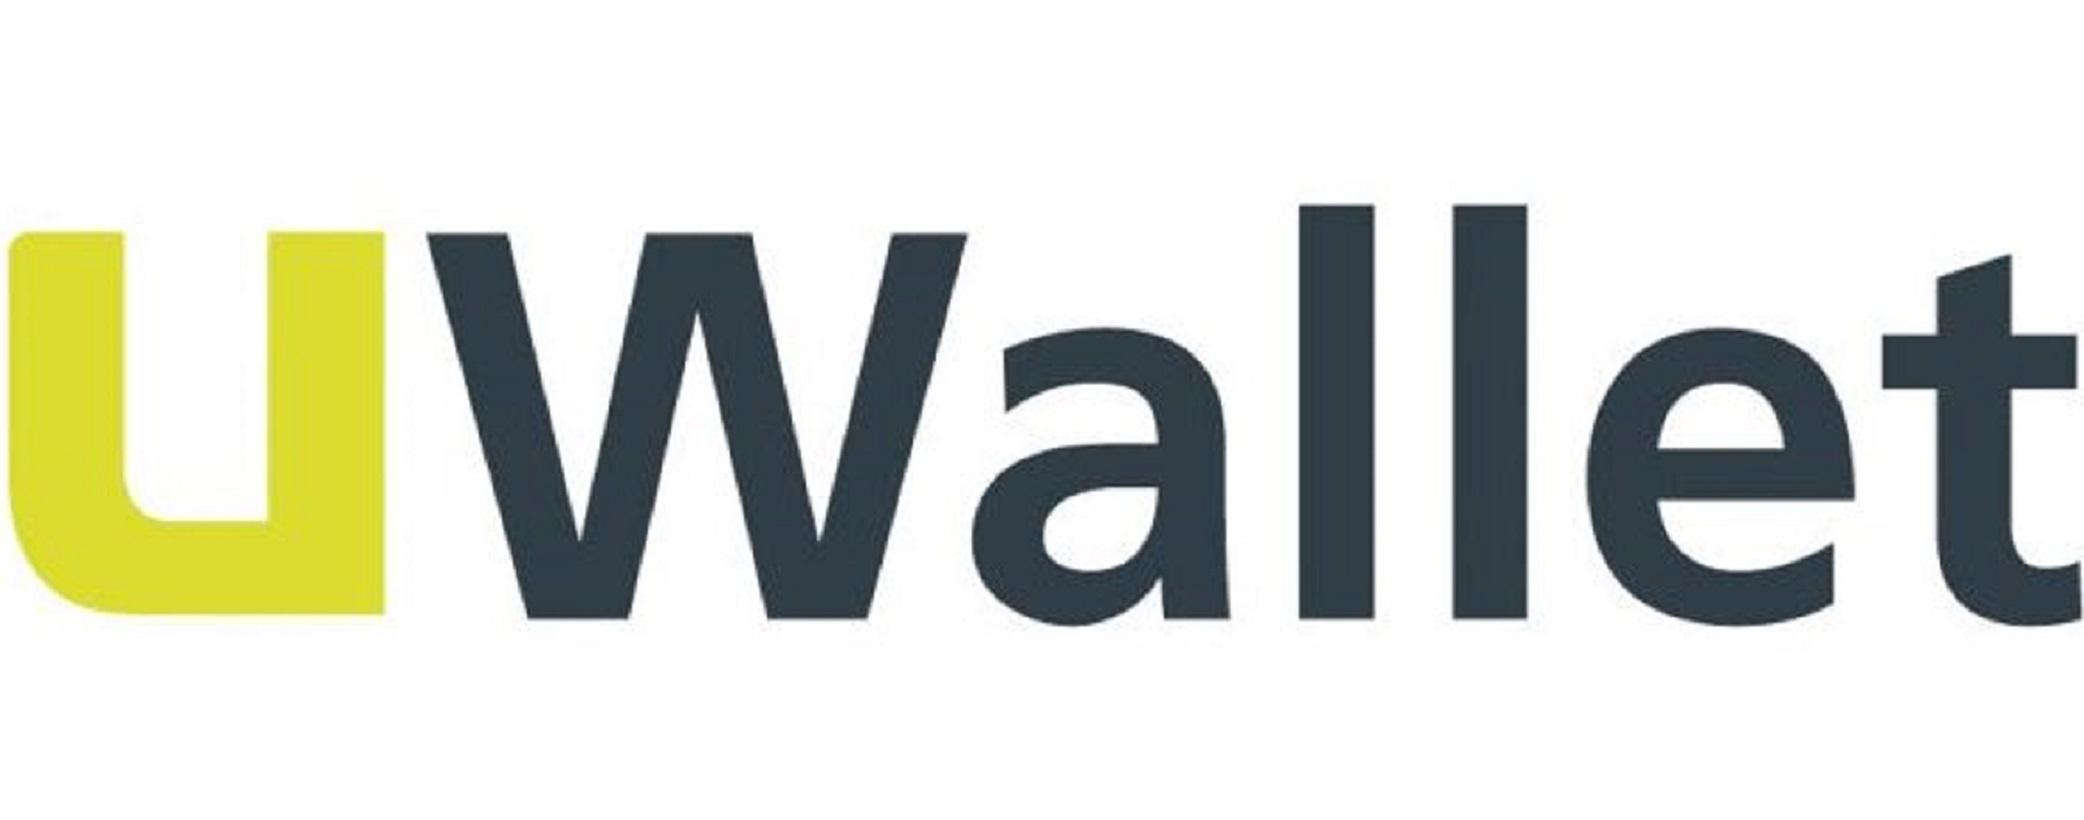 Uwallet